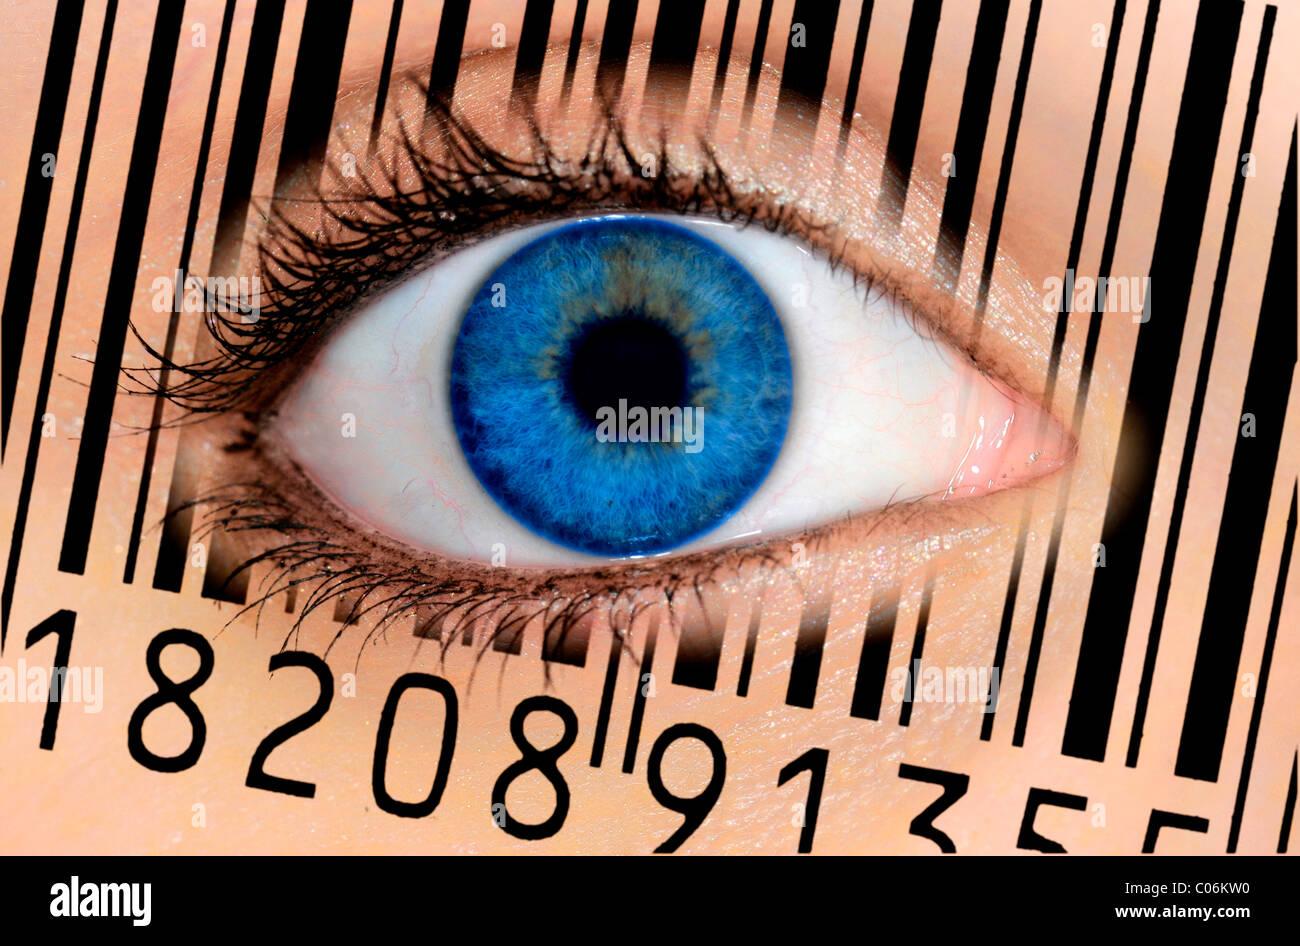 Détail d'un oeil avec un iris bleu et un code à barres EAN, European Article Number, image symbolique Photo Stock